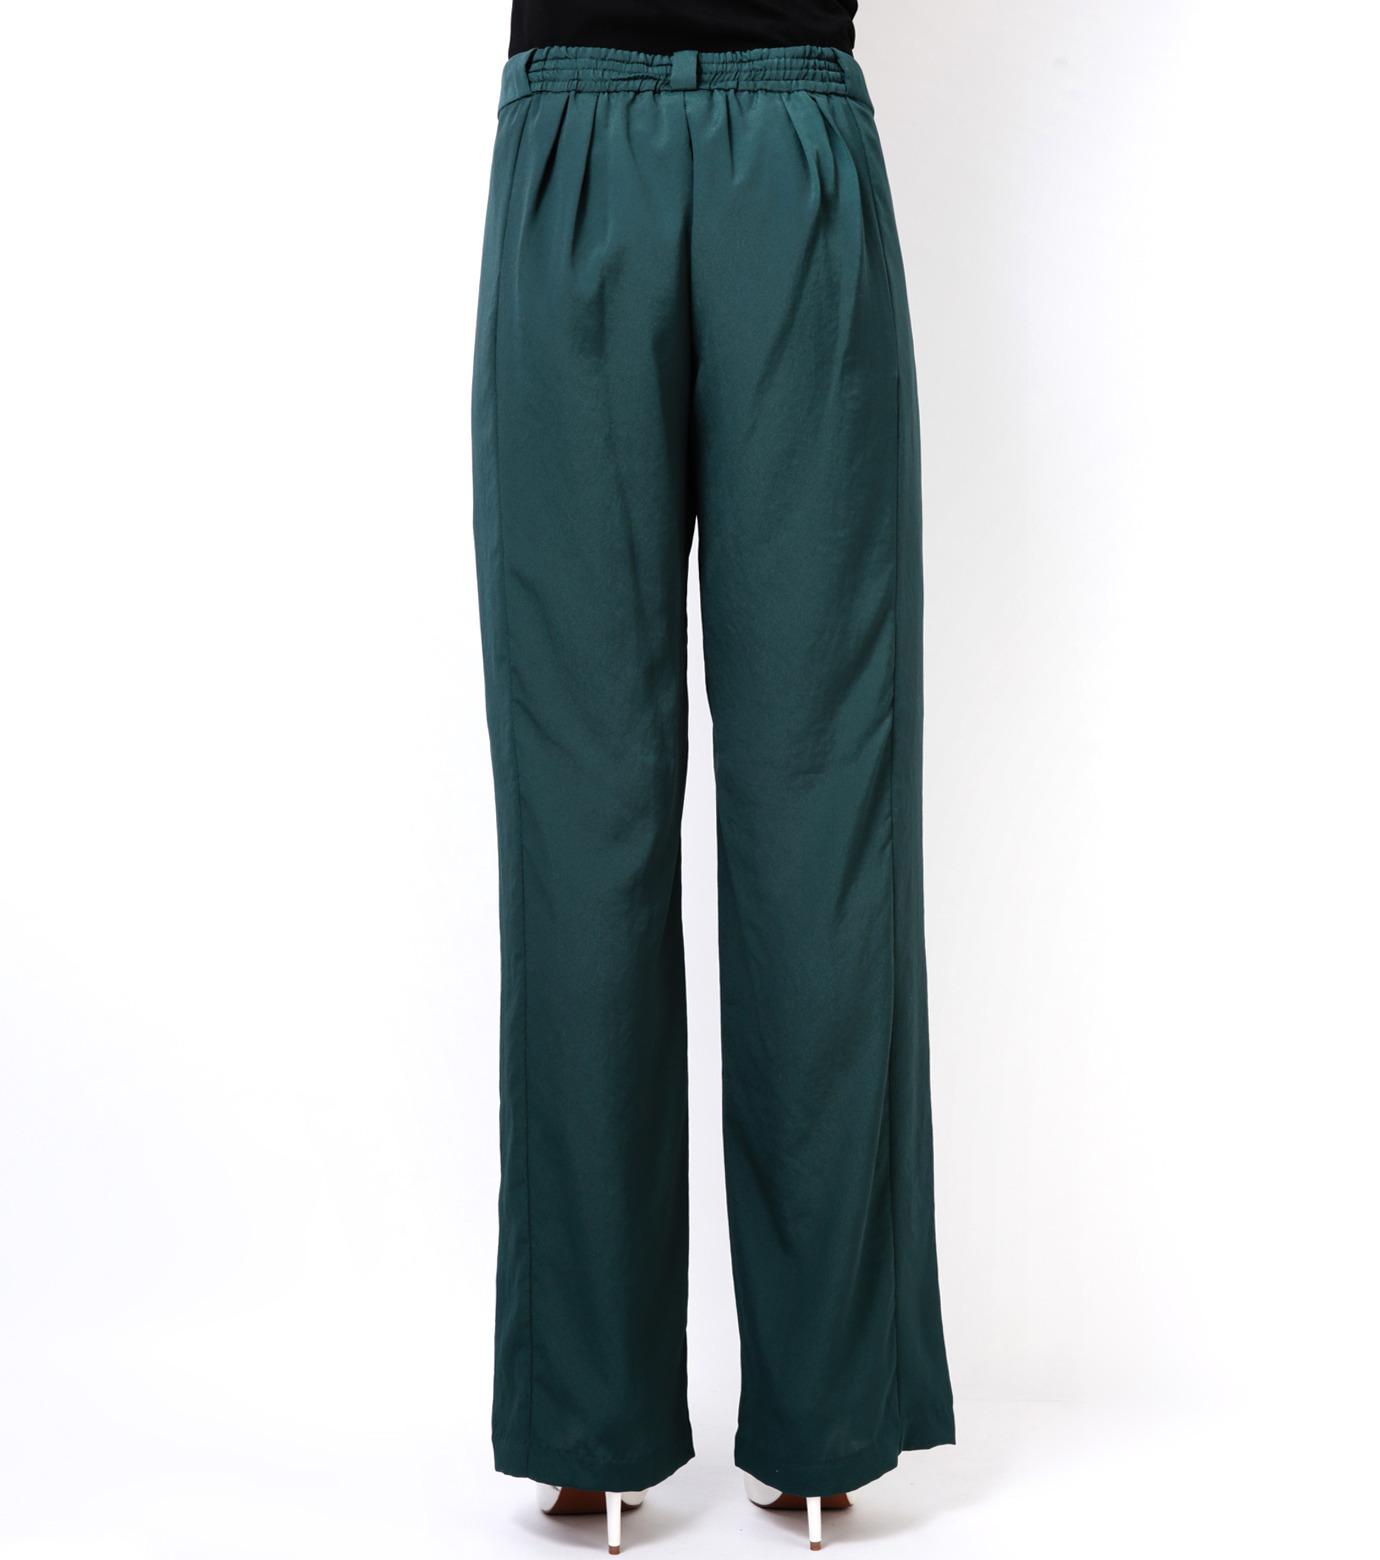 LE CIEL BLEU(ルシェルブルー)のWide Straight Pants-GREEN(パンツ/pants)-14A68006 拡大詳細画像4